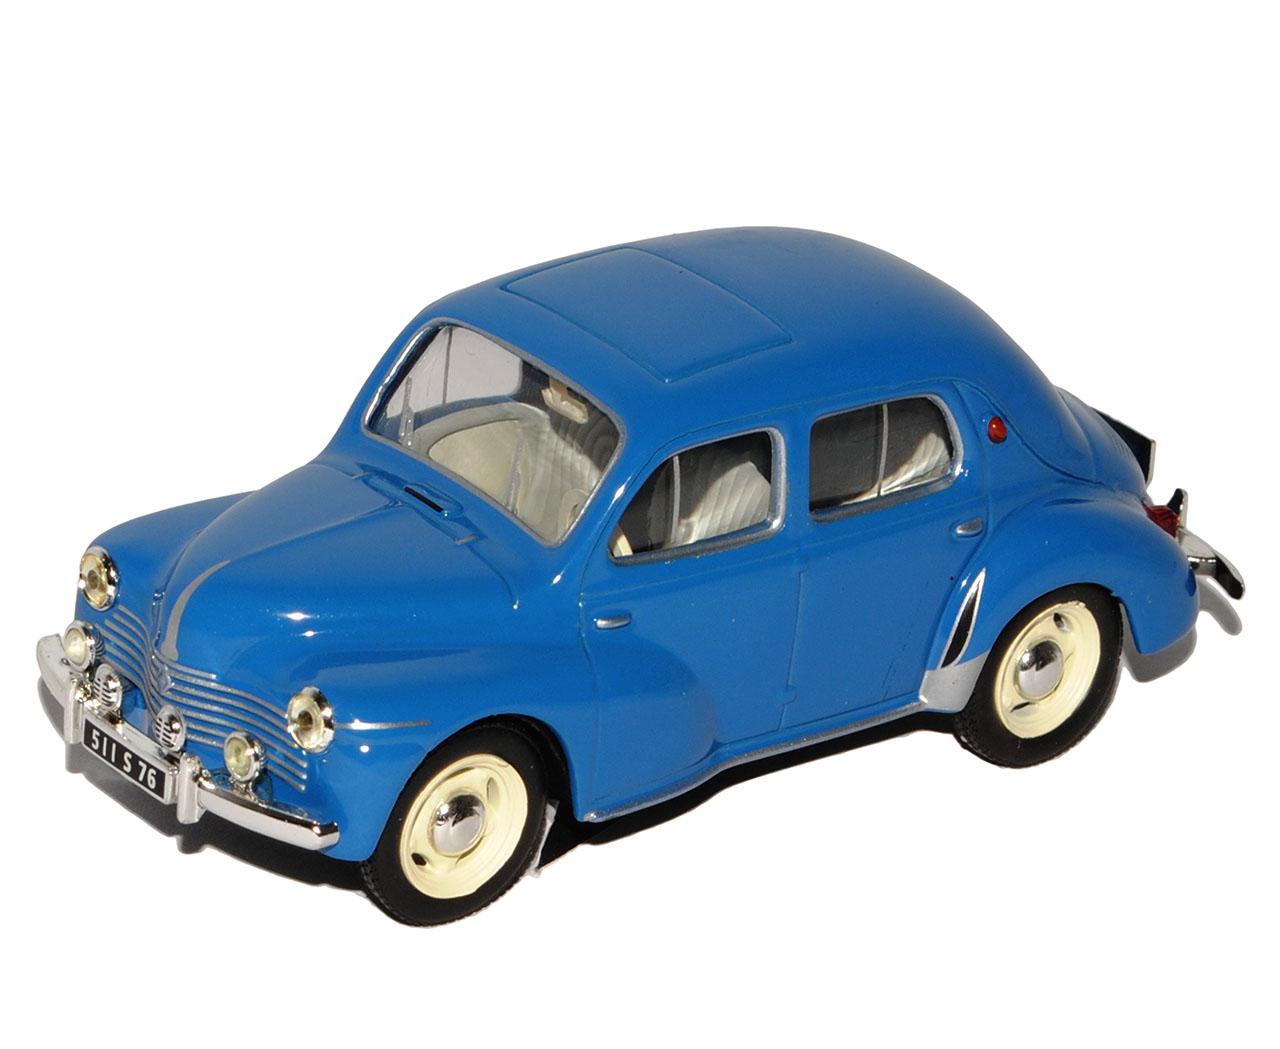 Azul-de-Luxe-sedan-de-Renault-4CV-base-con-pantalla-de-caso-1-43-Sonderangebo-Atlas miniatura 8